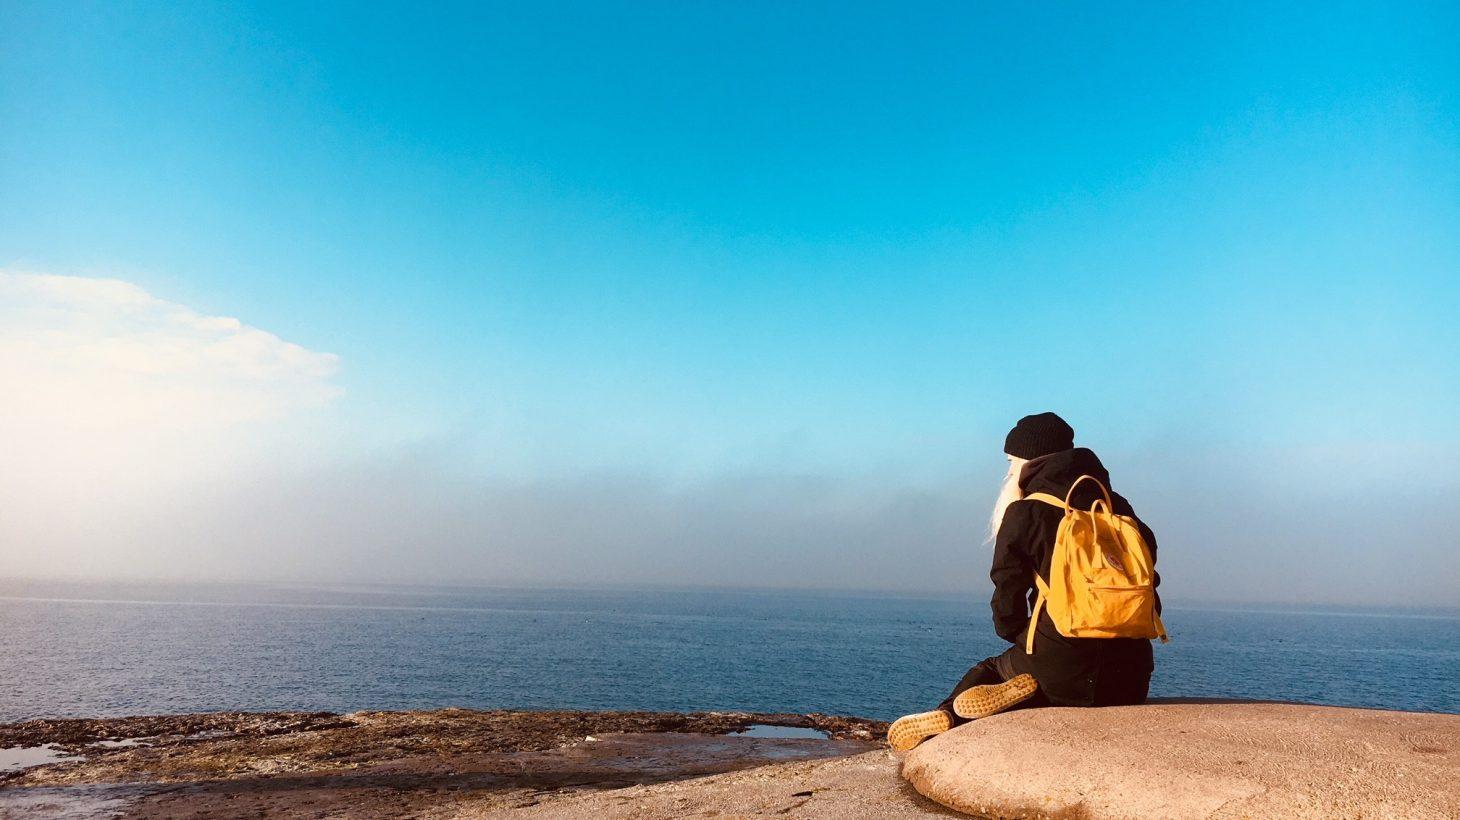 Kvinna sitter på sten och blickar ut över hav.